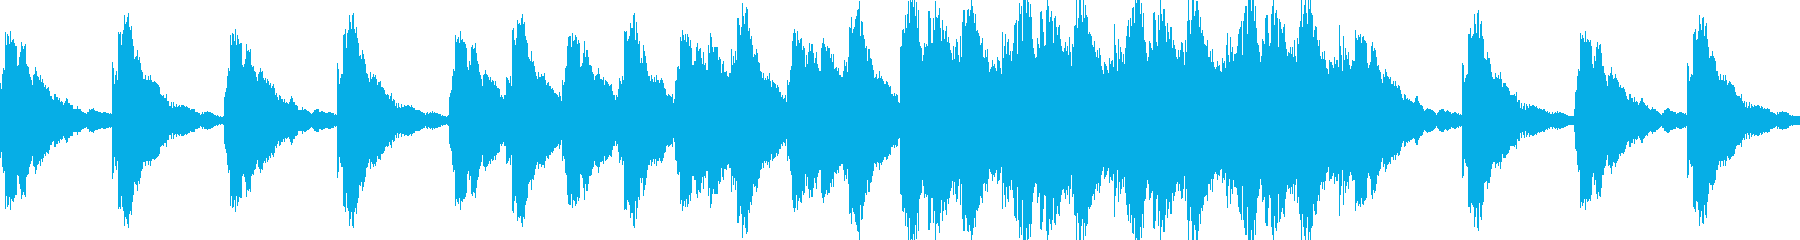 【映像系】アンビエントギター調の再生済みの波形